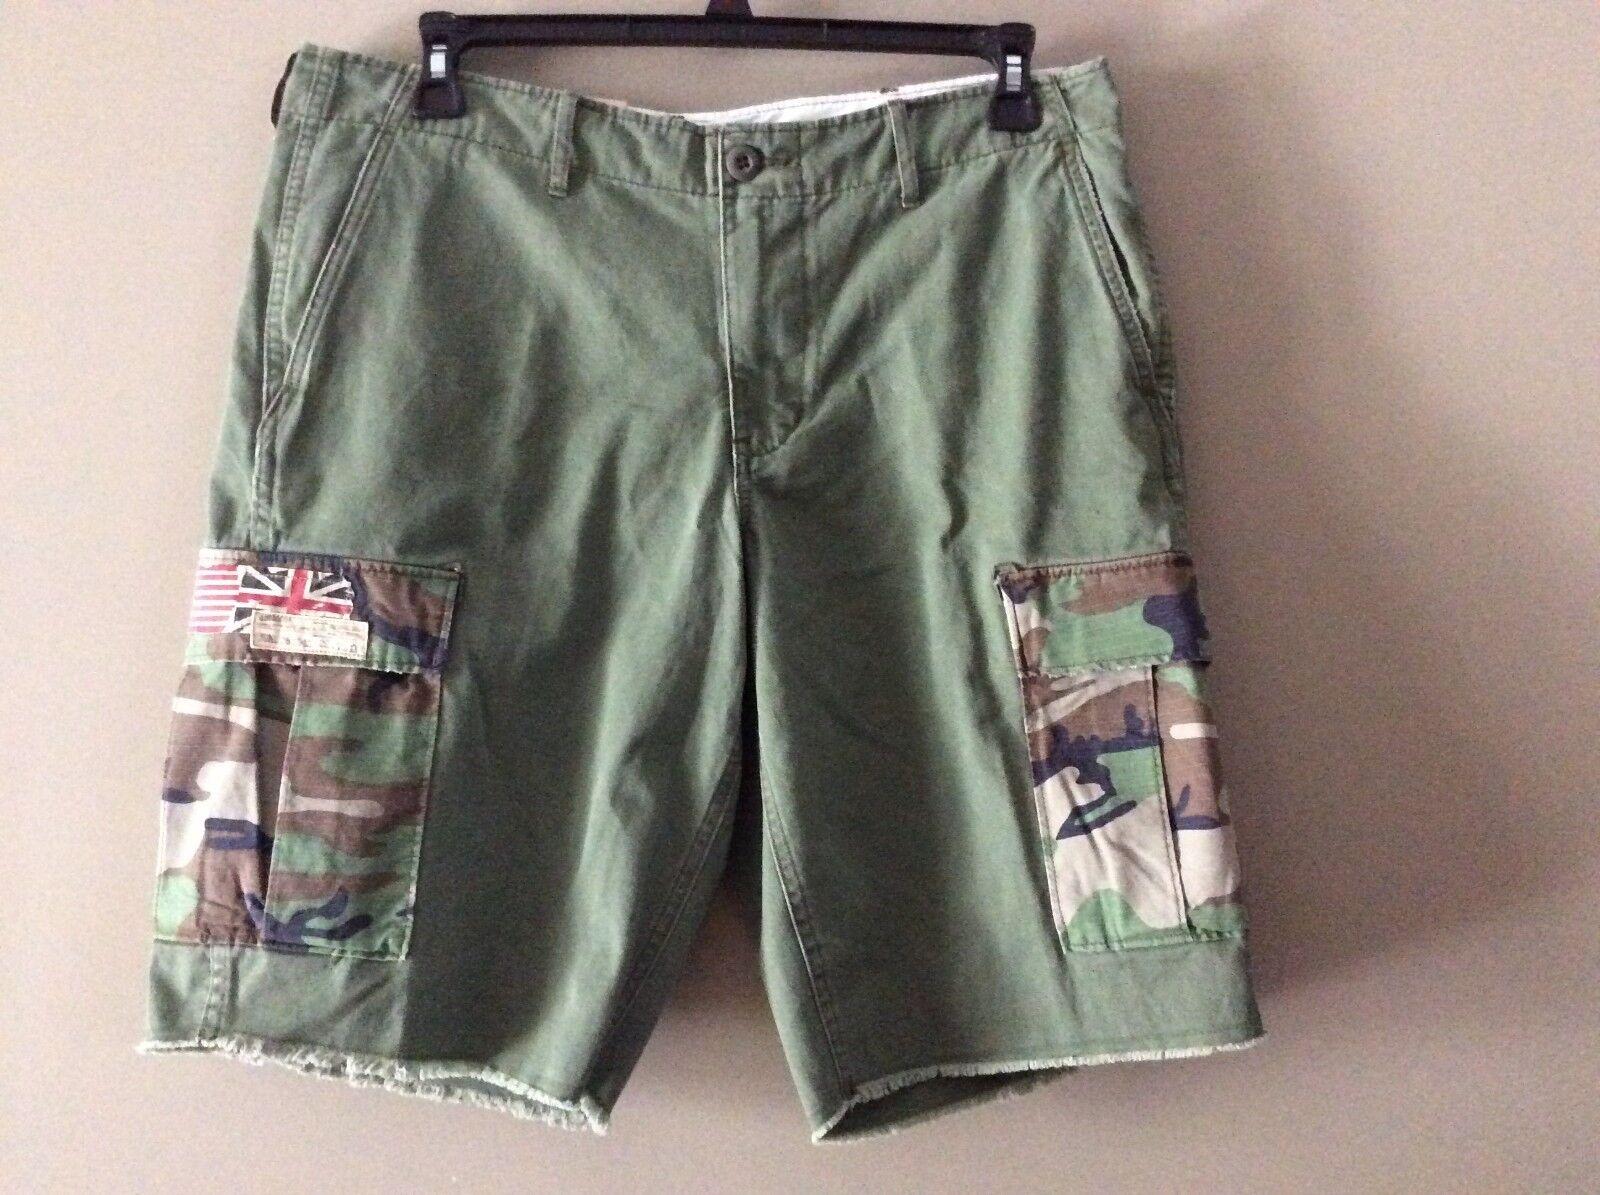 ac39ae9f0efab2   Supply Lauren Cutoff Army Olive Cargo Shorts Denim Ralph ...